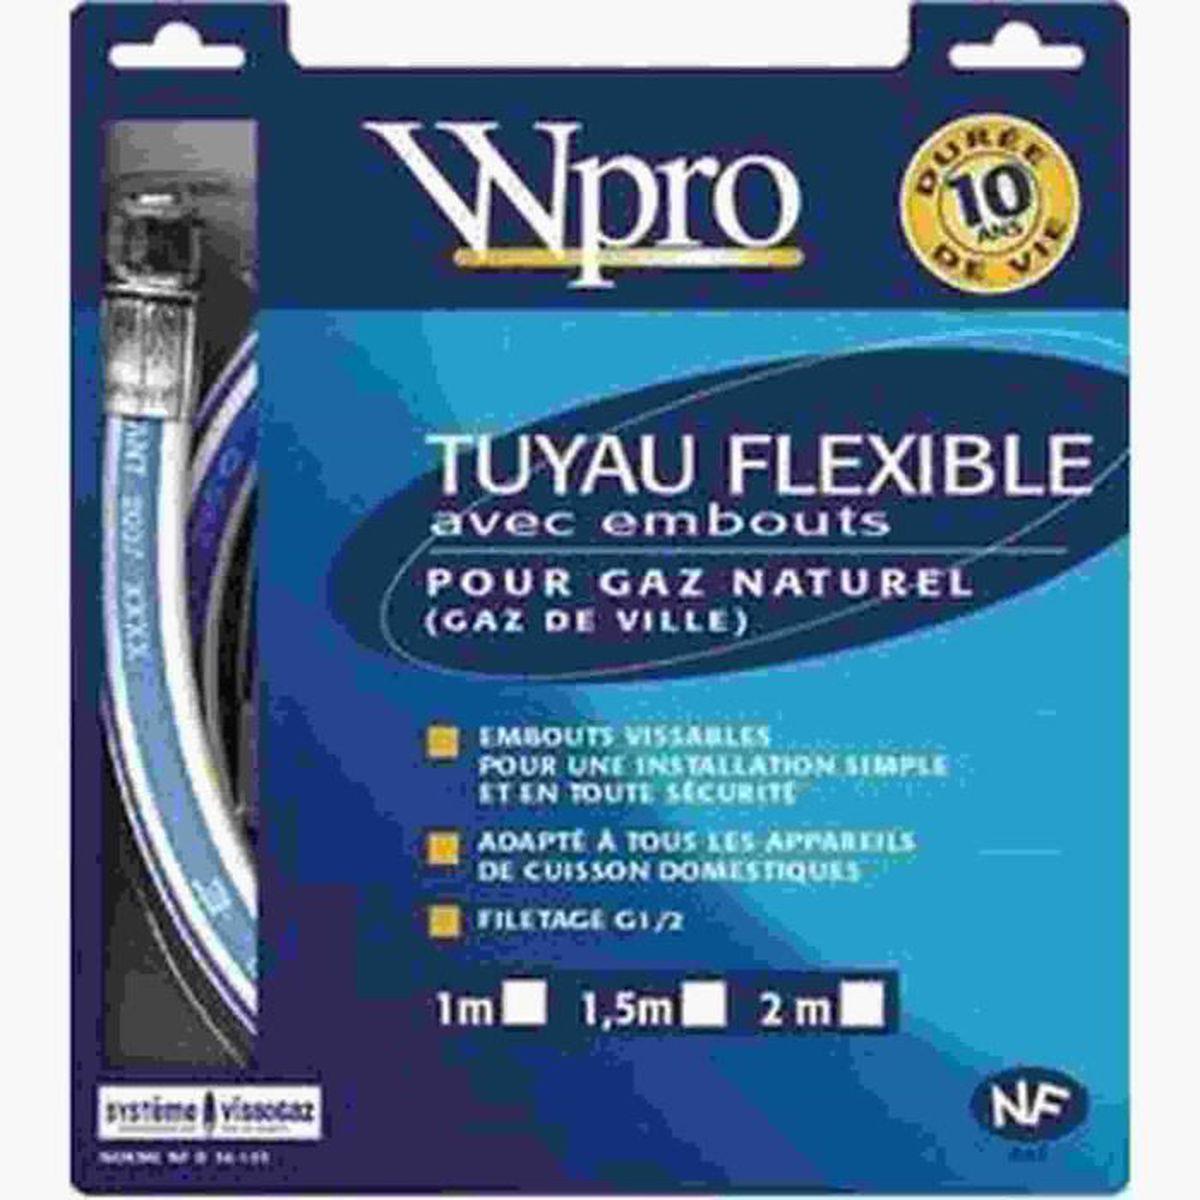 flexible gaz naturel 2m achat vente flexible gaz naturel 2m pas cher les soldes sur. Black Bedroom Furniture Sets. Home Design Ideas